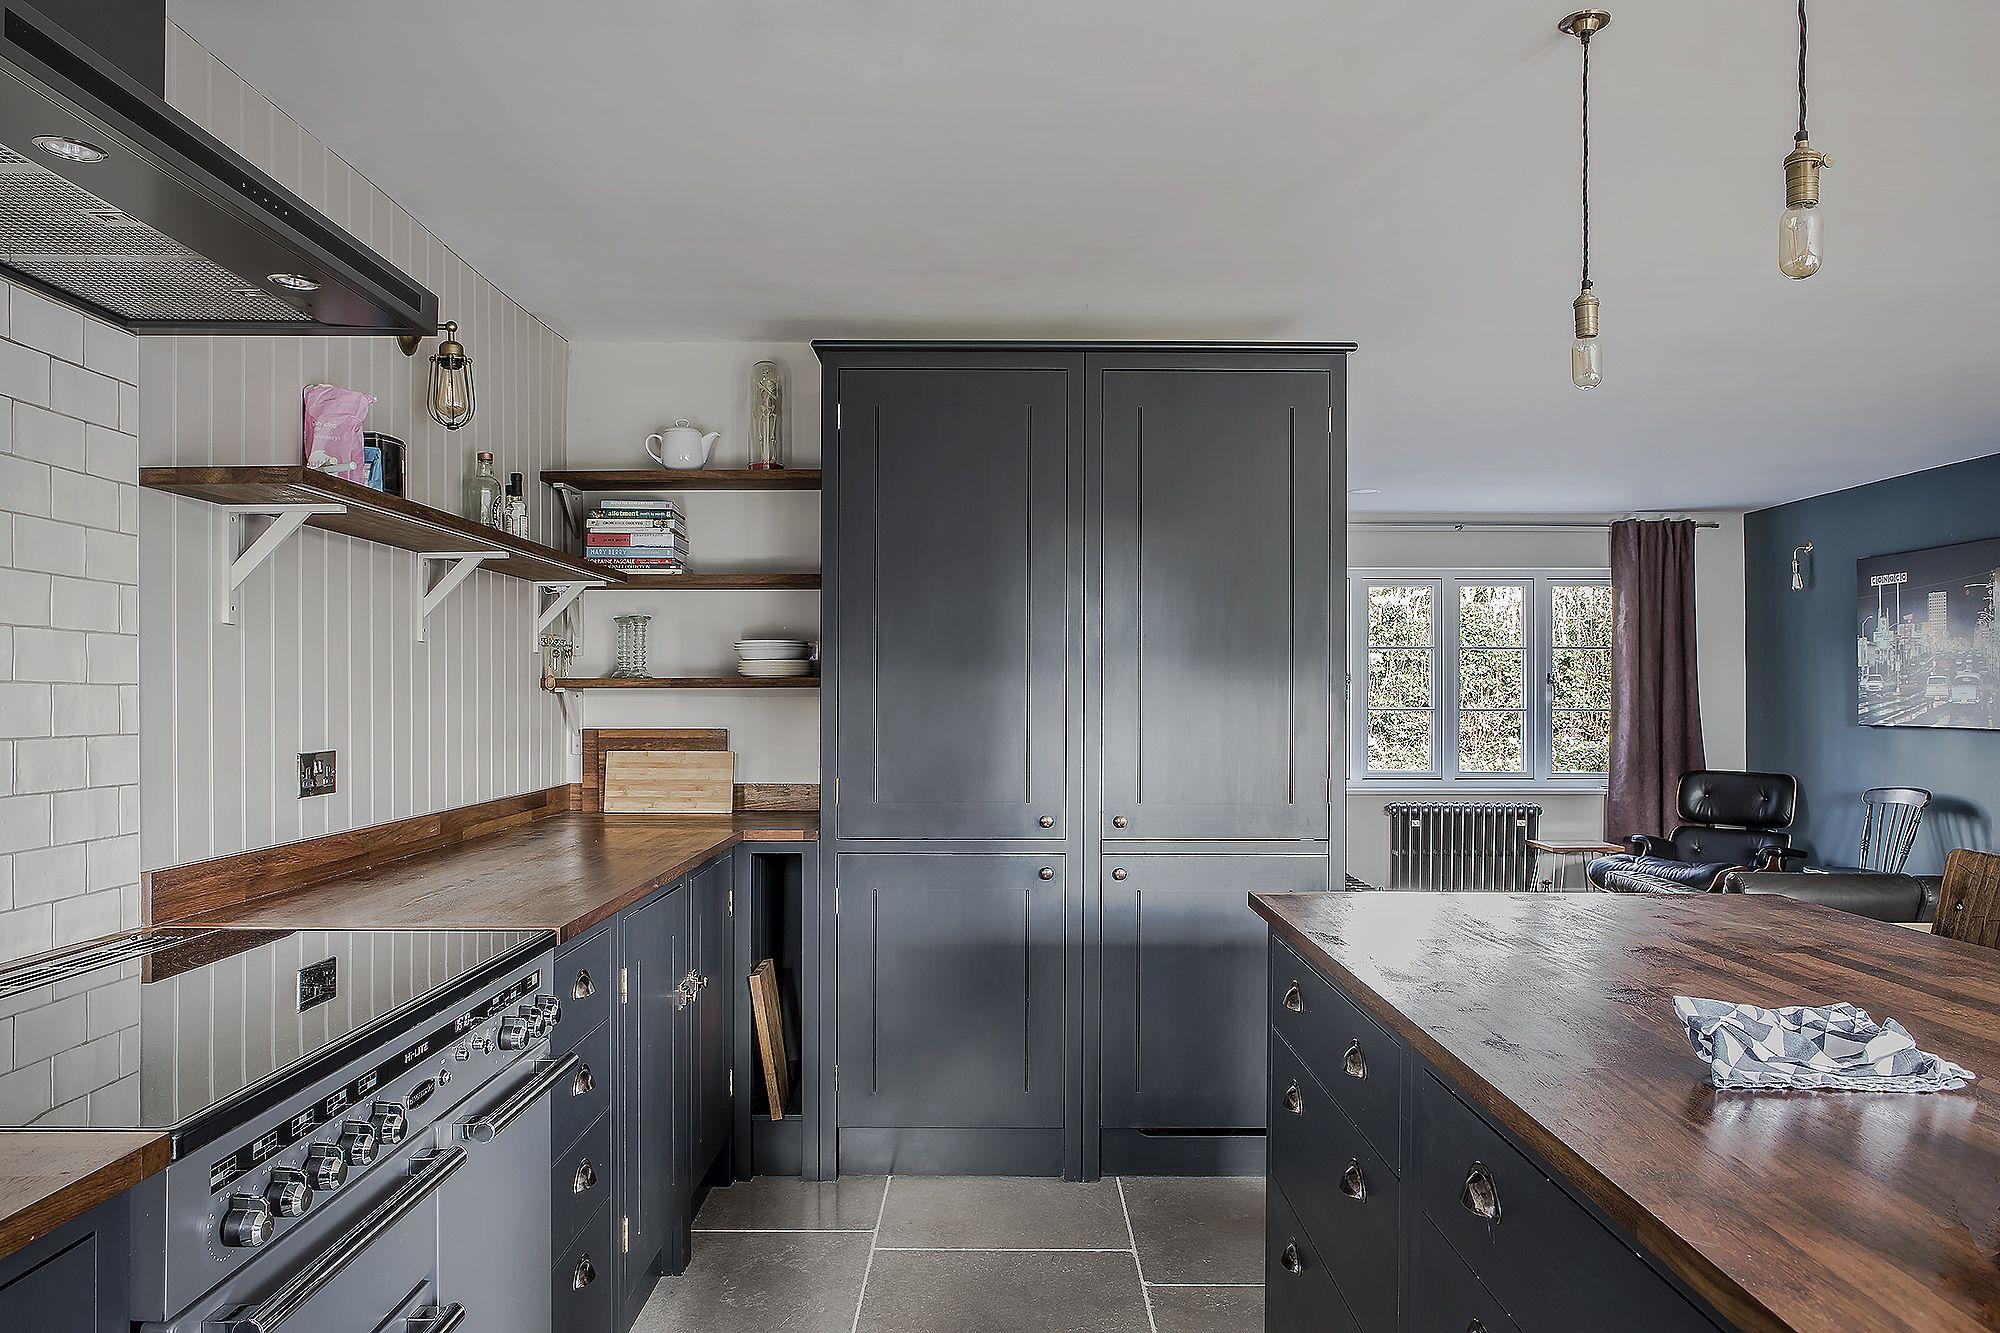 british standard by plain english kitchen design charcoal kitchen wooden kitchen on kaboodle antique white kitchen id=51600